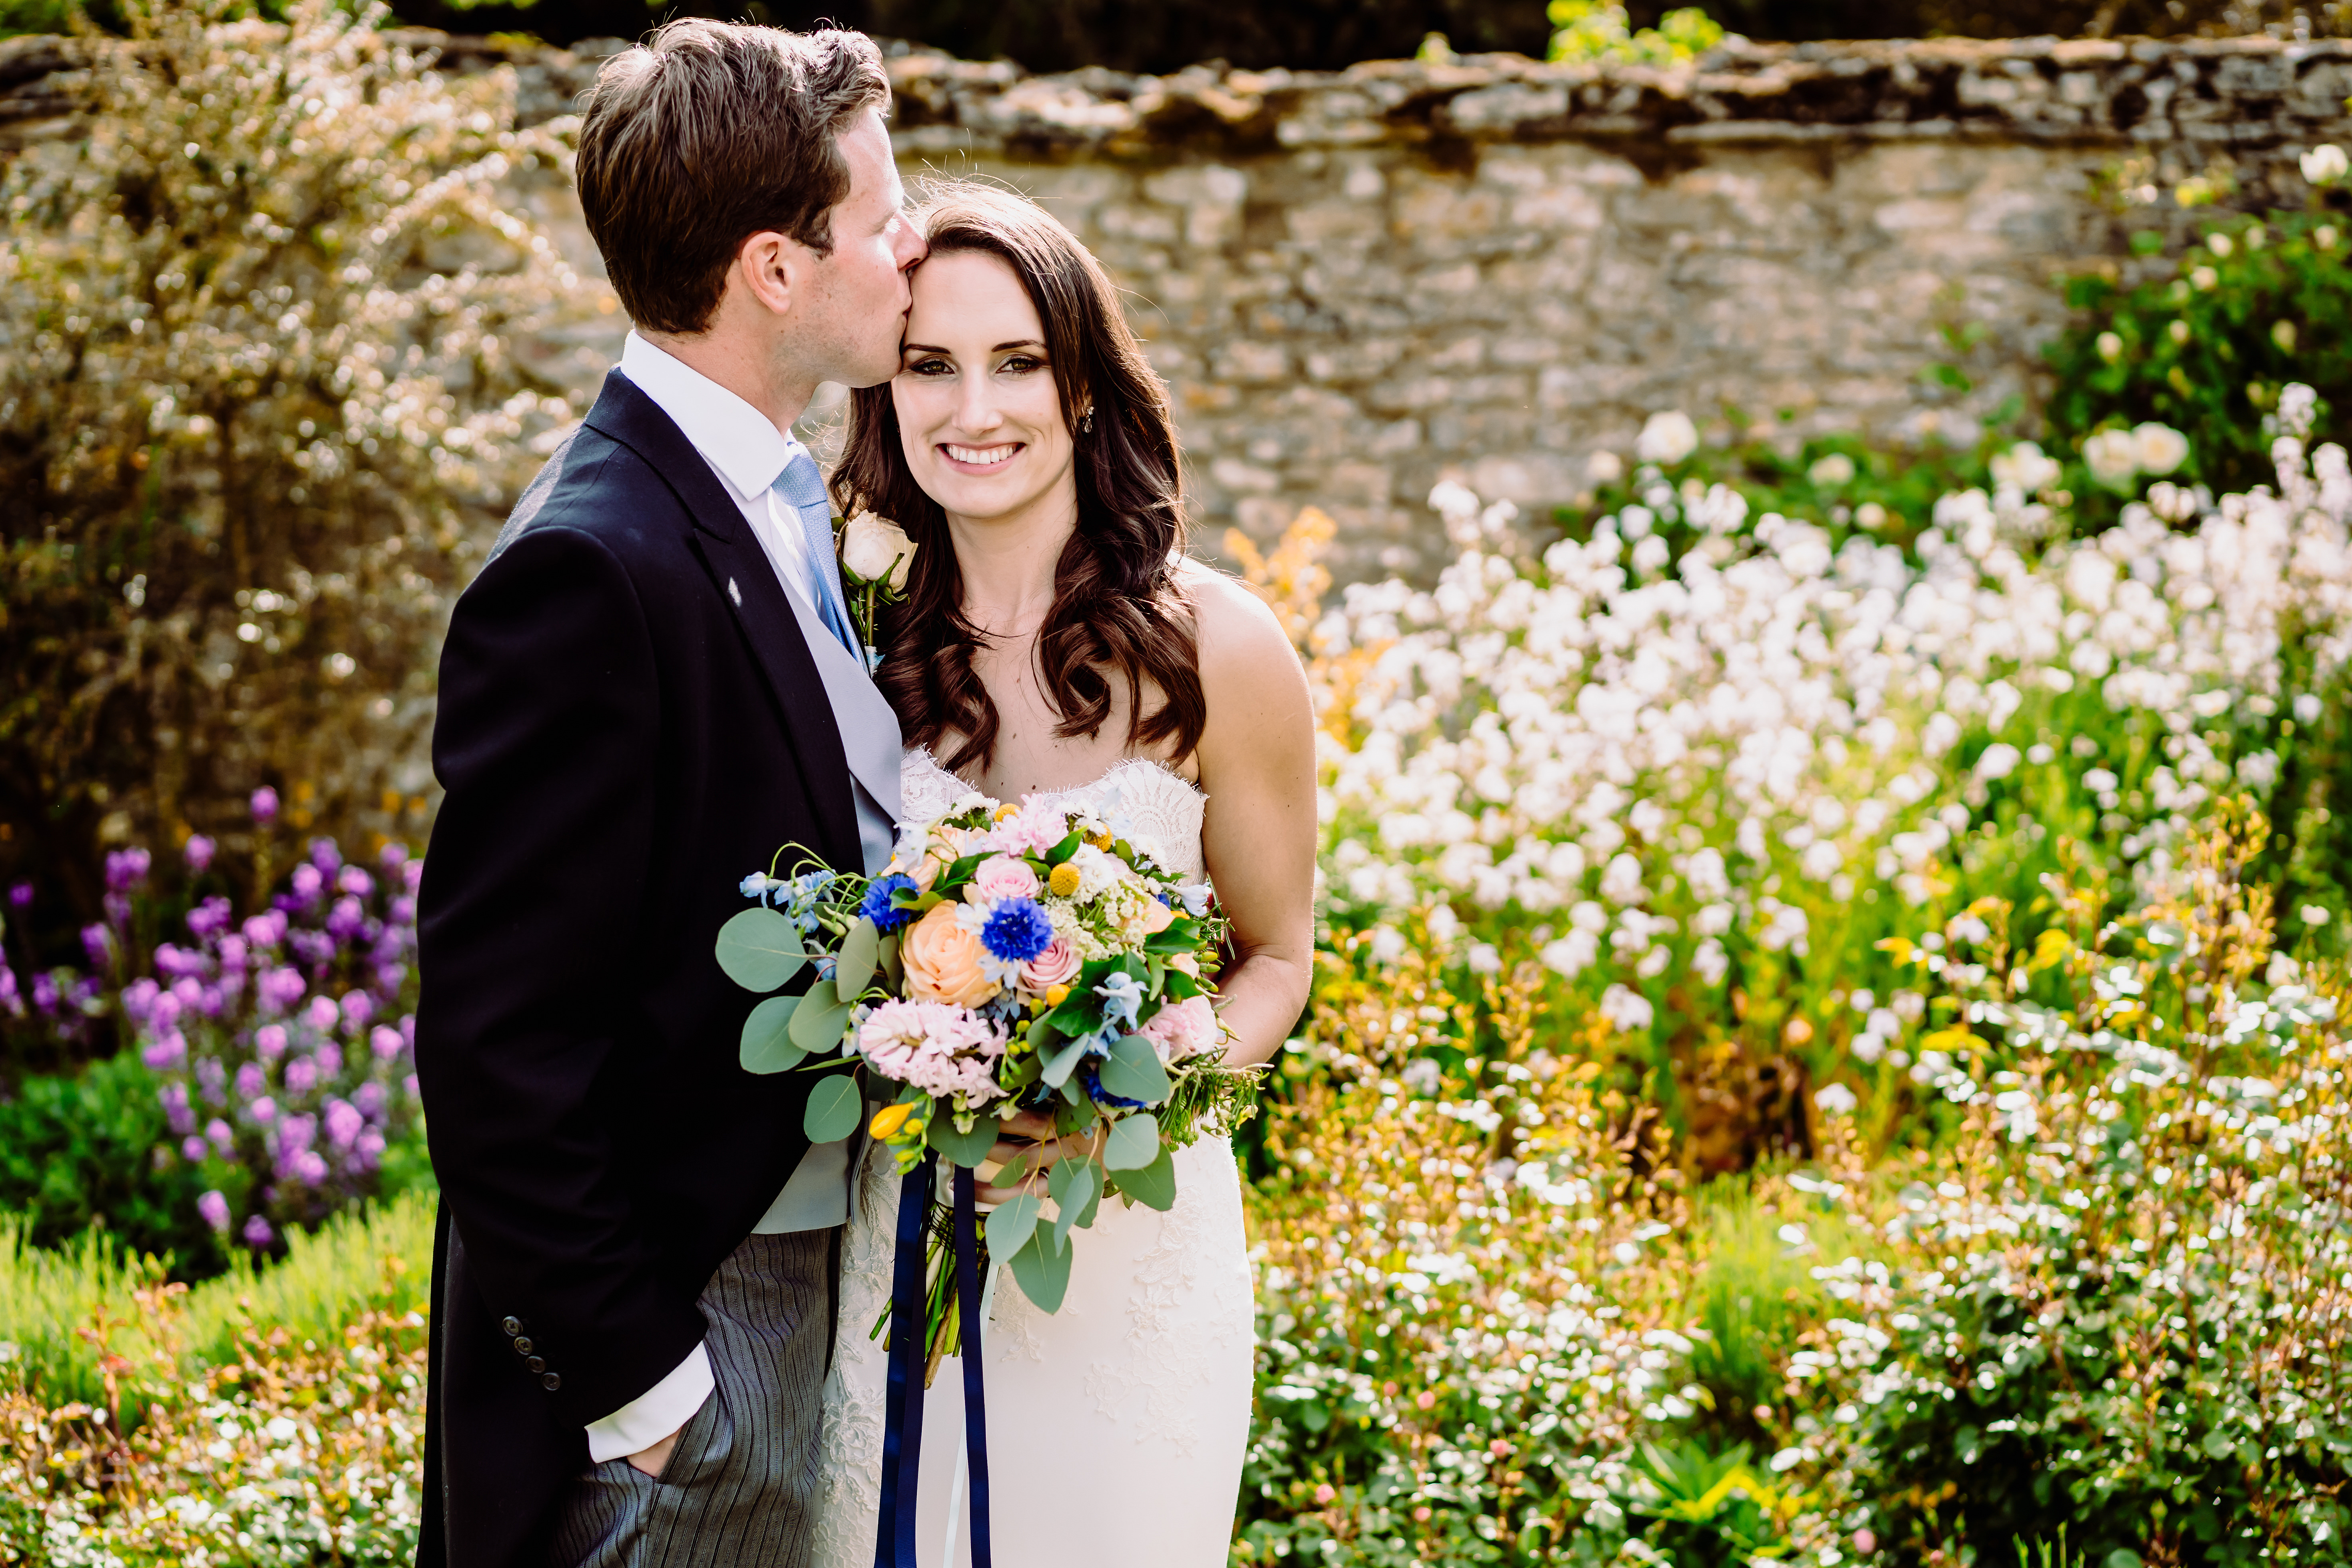 a bride in a white dress